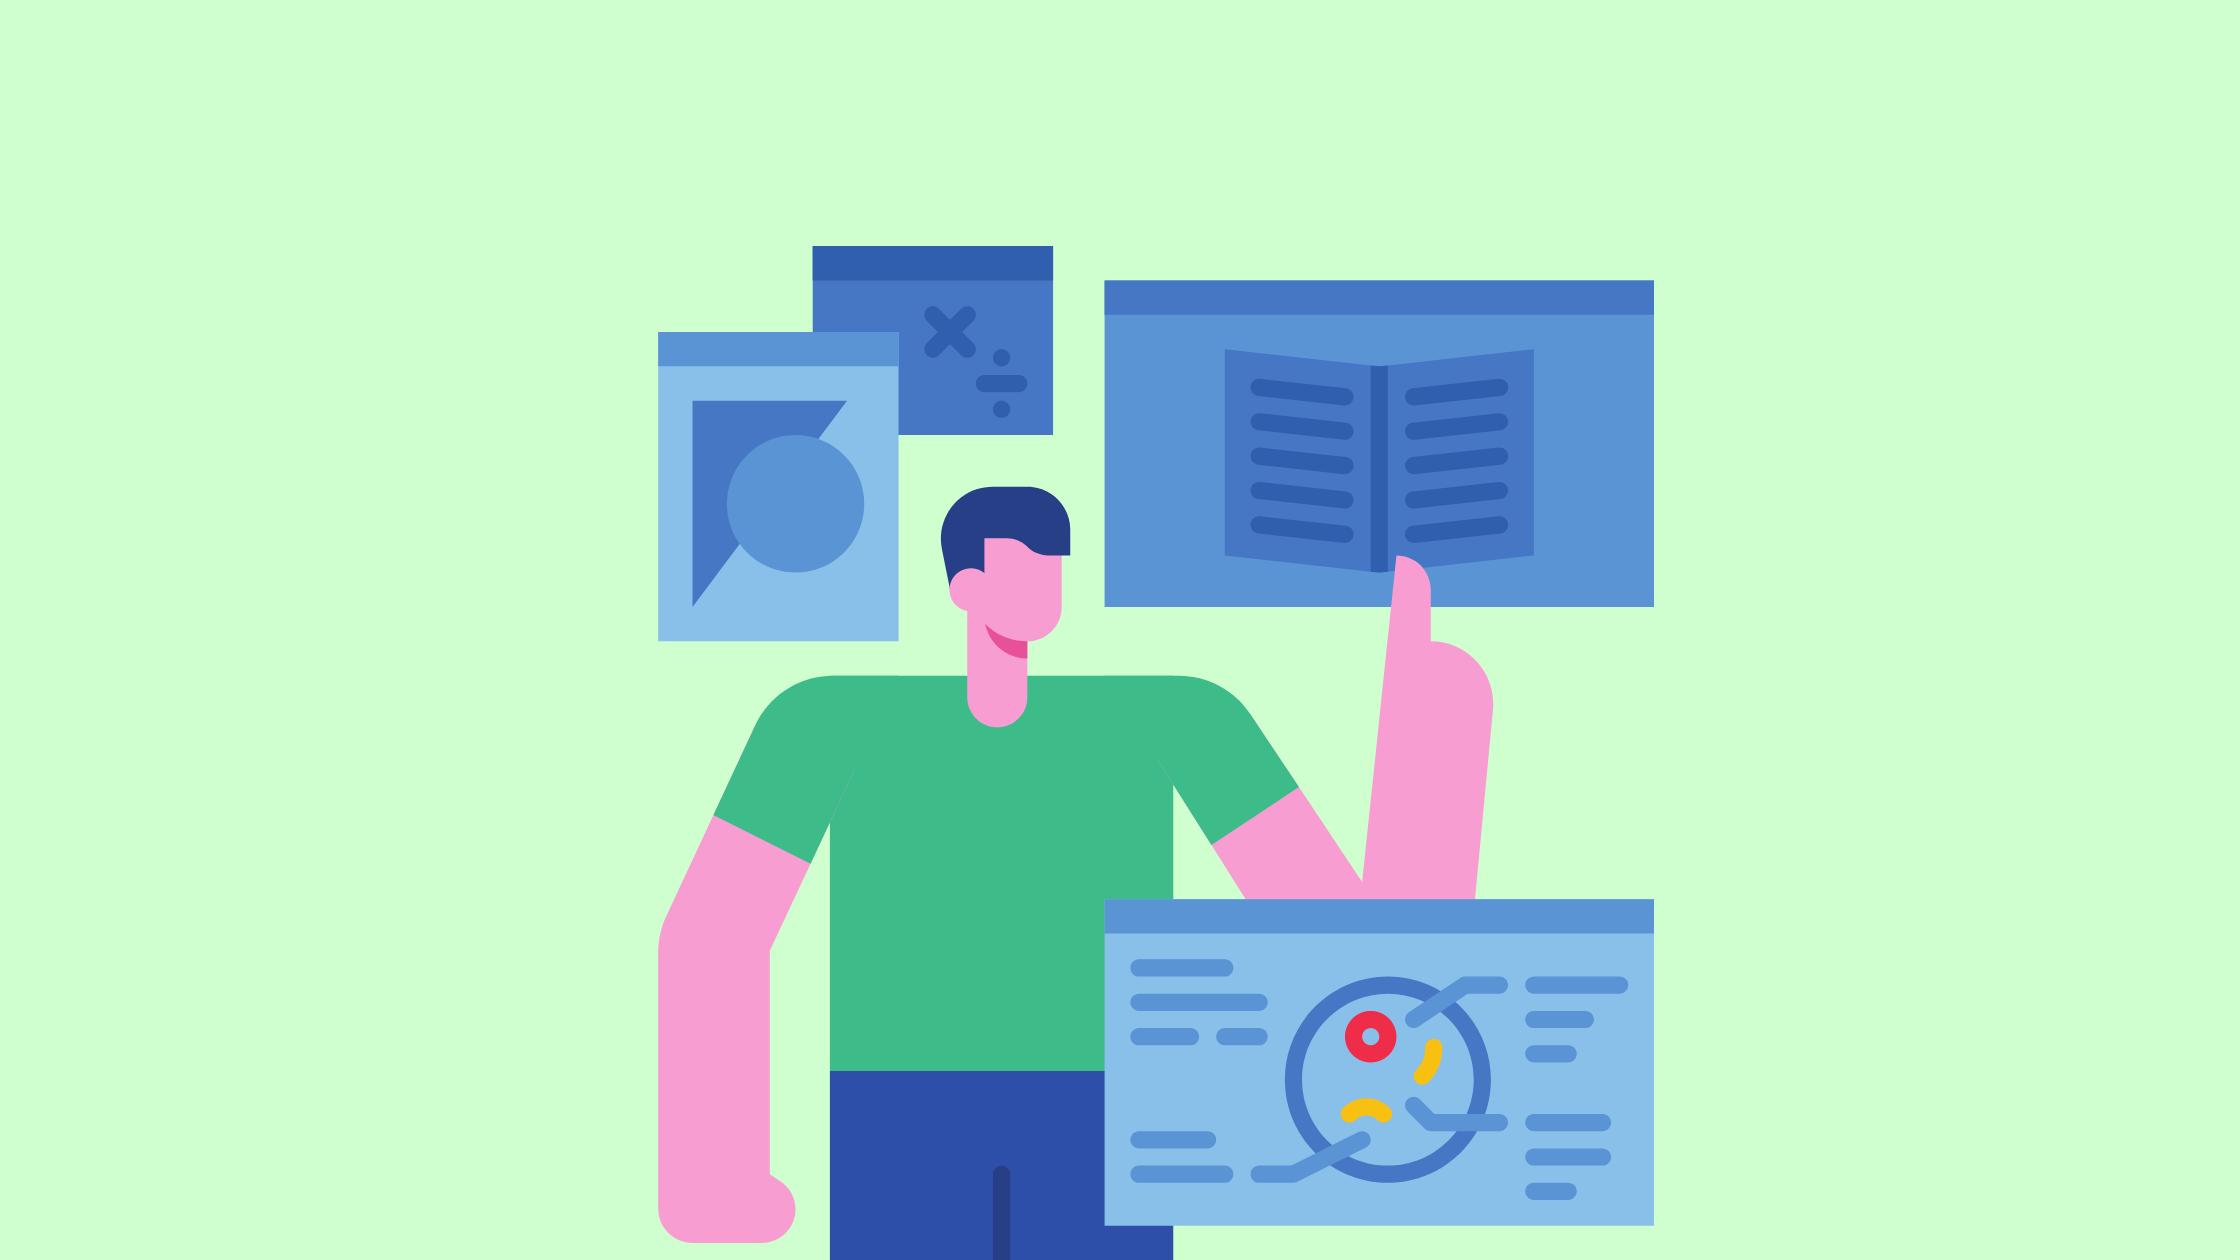 El autoservicio es una modalidad de servicio al cliente que permite al usuario resolver dudas por su cuenta consultando la base de conocimiento de la empresa